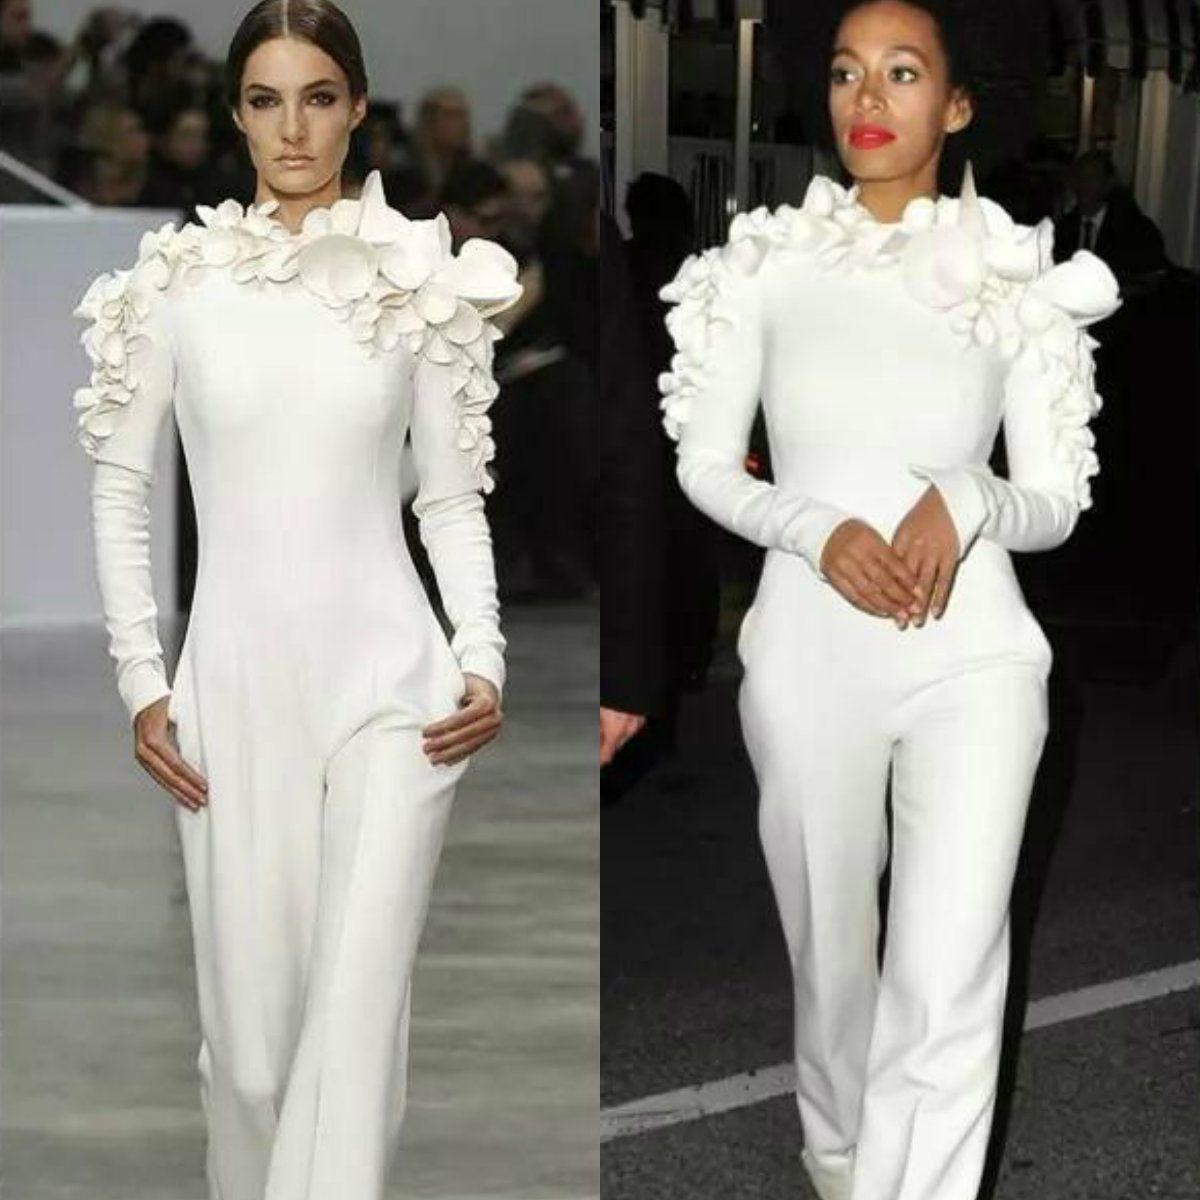 Chic White Arab Celebrity Abendkleider 3D Appliques 2019 Overall mit langen Ärmeln Dubai Abendkleid Stehkragen Formale Partykleid nach Maß